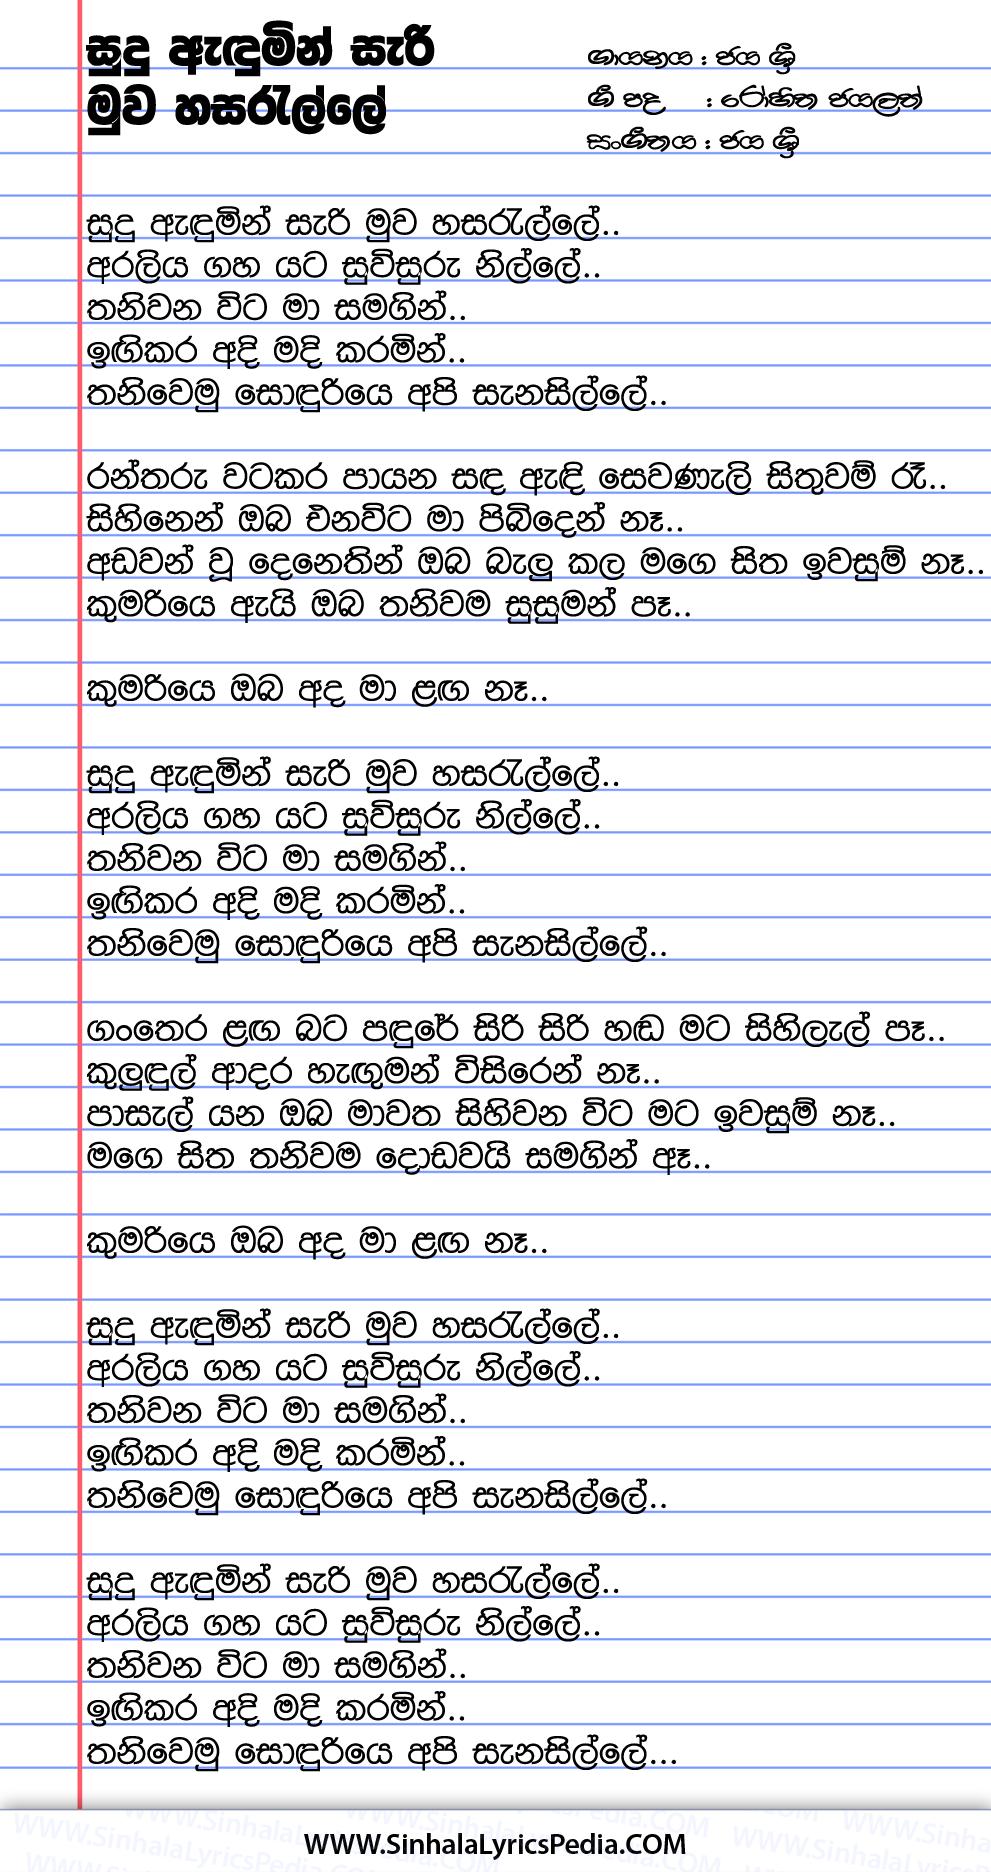 Sudu Andumin Sari Muwa Hasaralle Song Lyrics